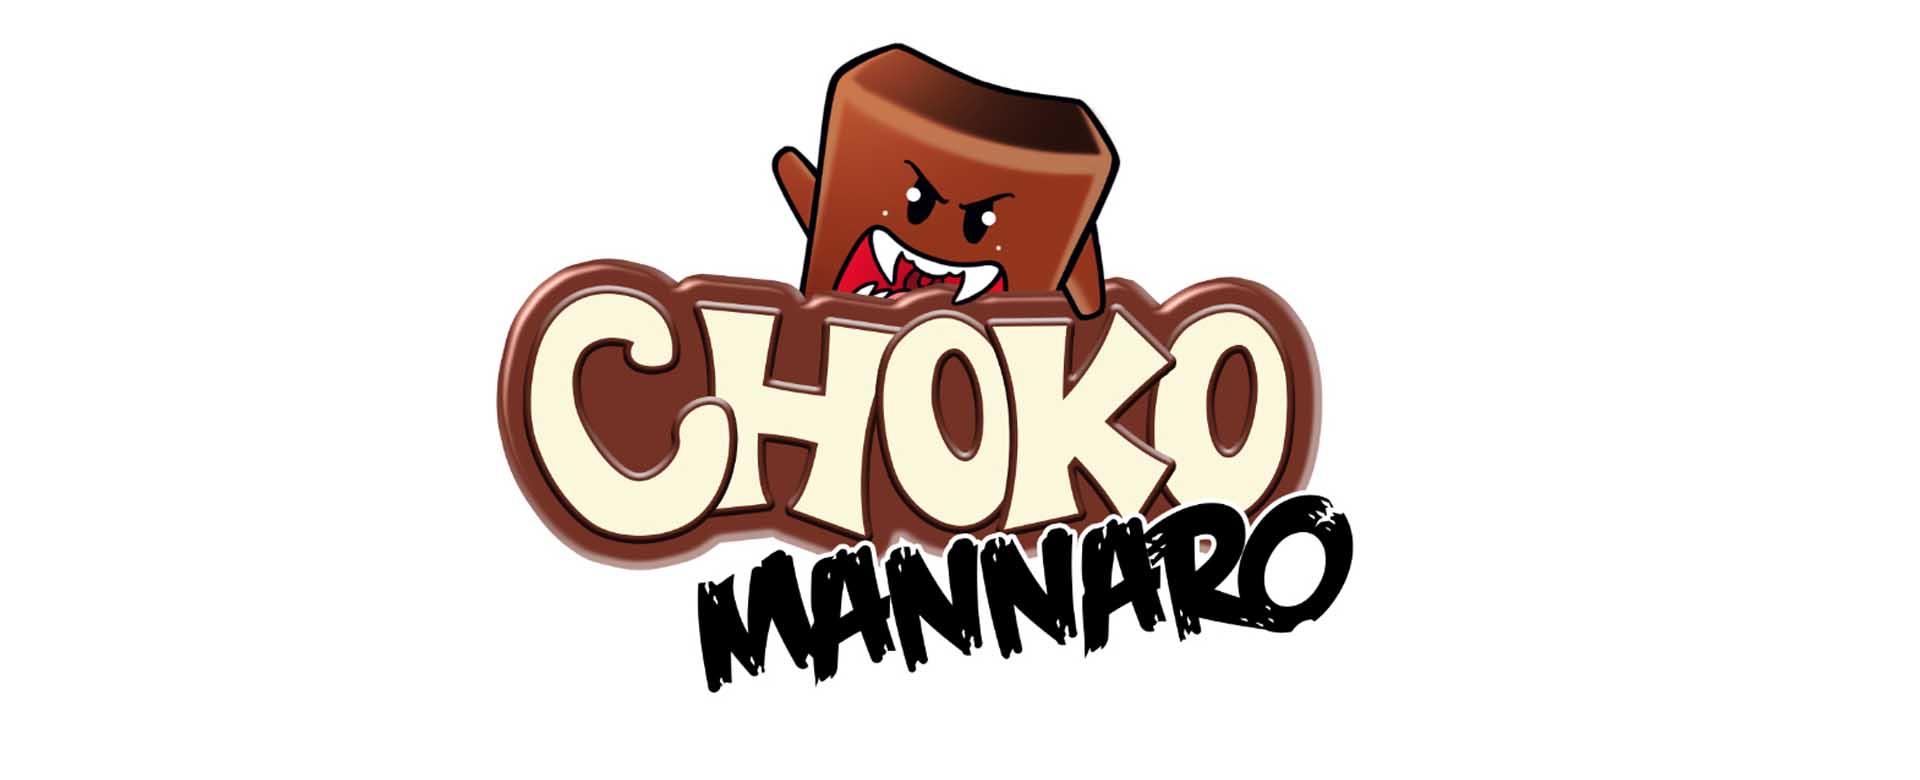 Giochi di carte printandplay - Chokomannaro